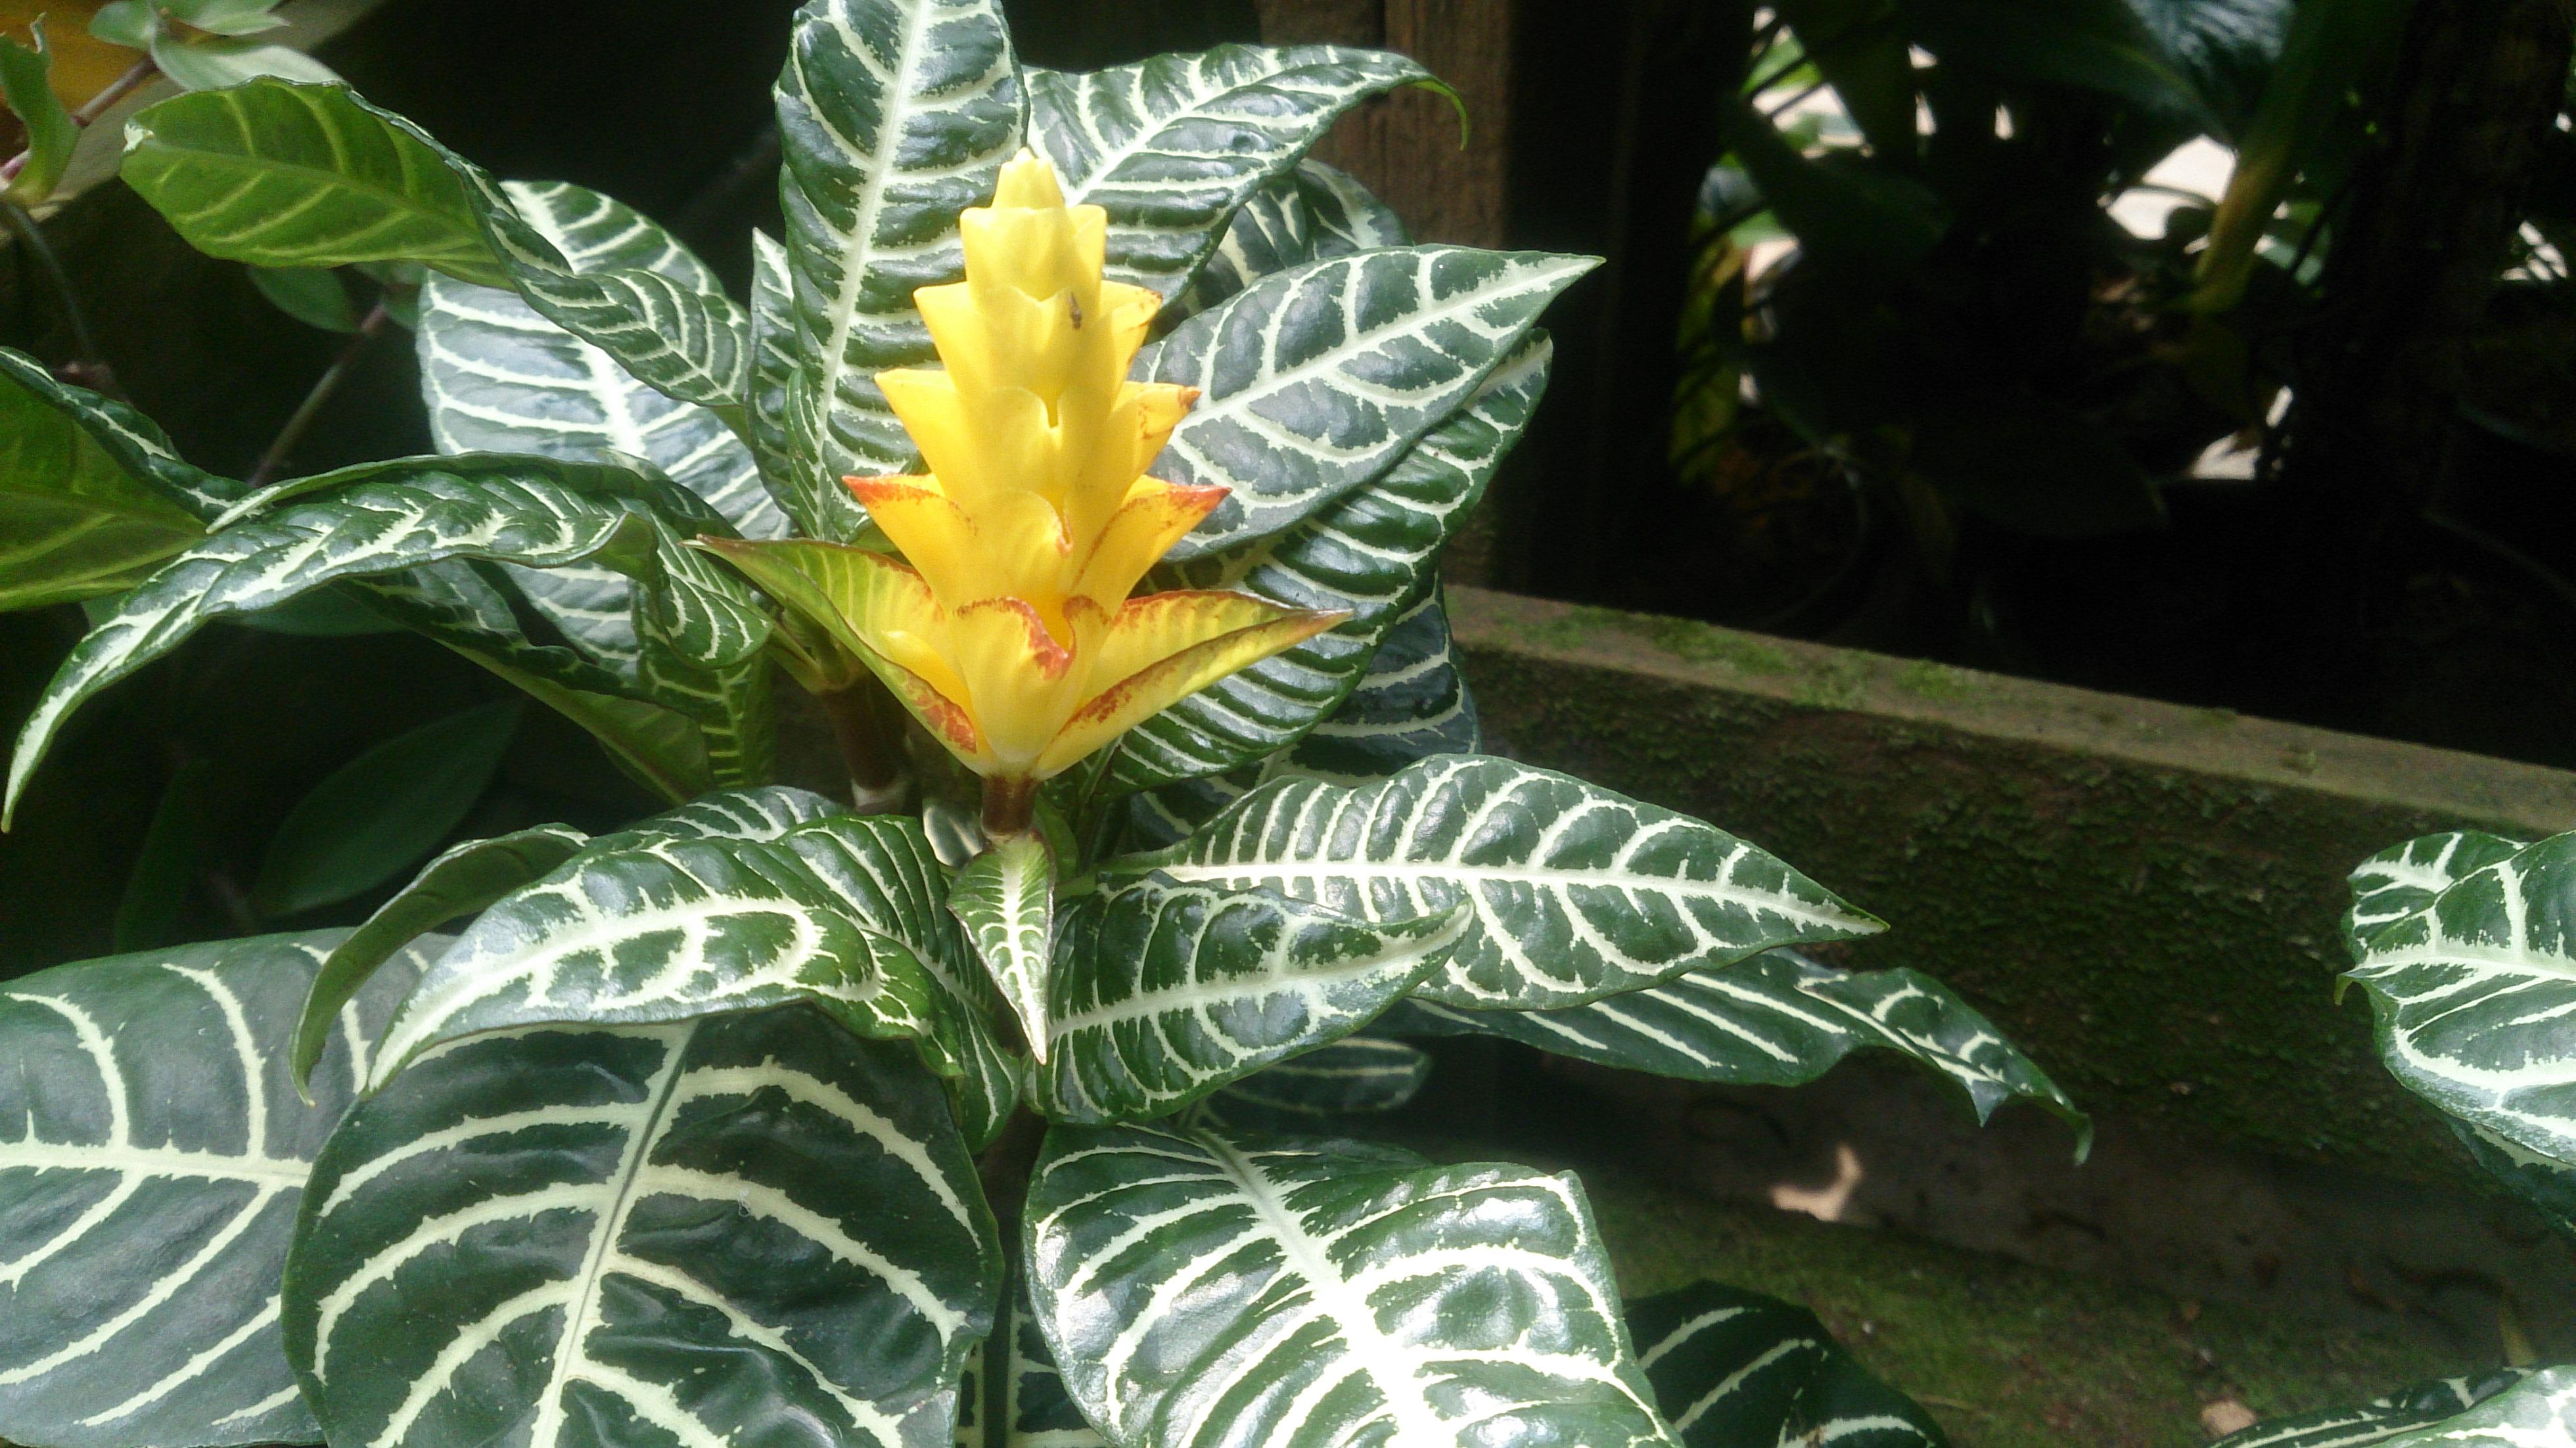 File:Zebra Plant (Aphelandra squarrosa).jpg